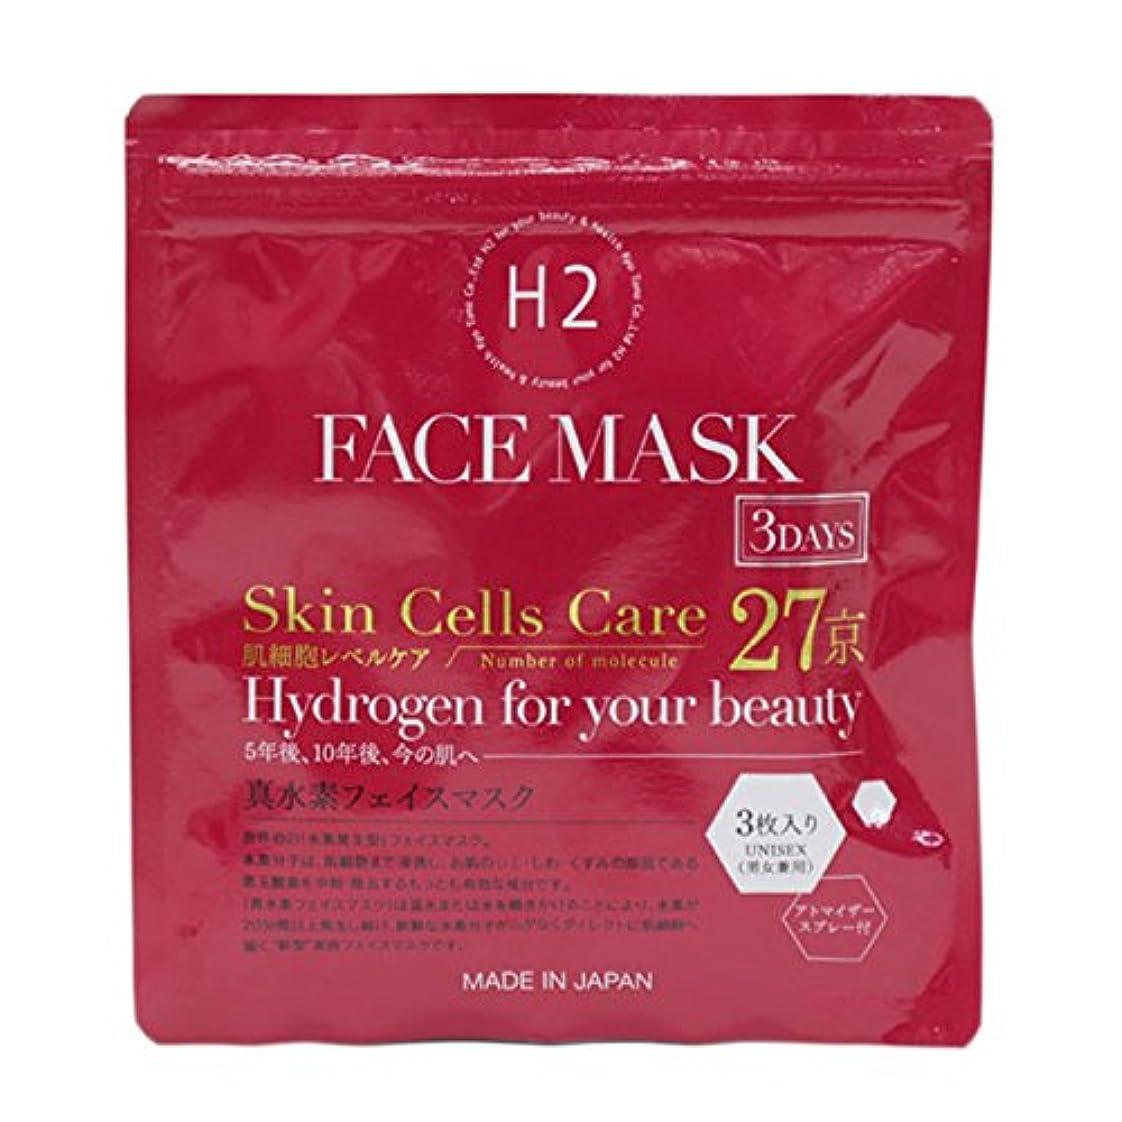 自慢前置詞検出Kyotomo 真水素フェイスマスク 3枚